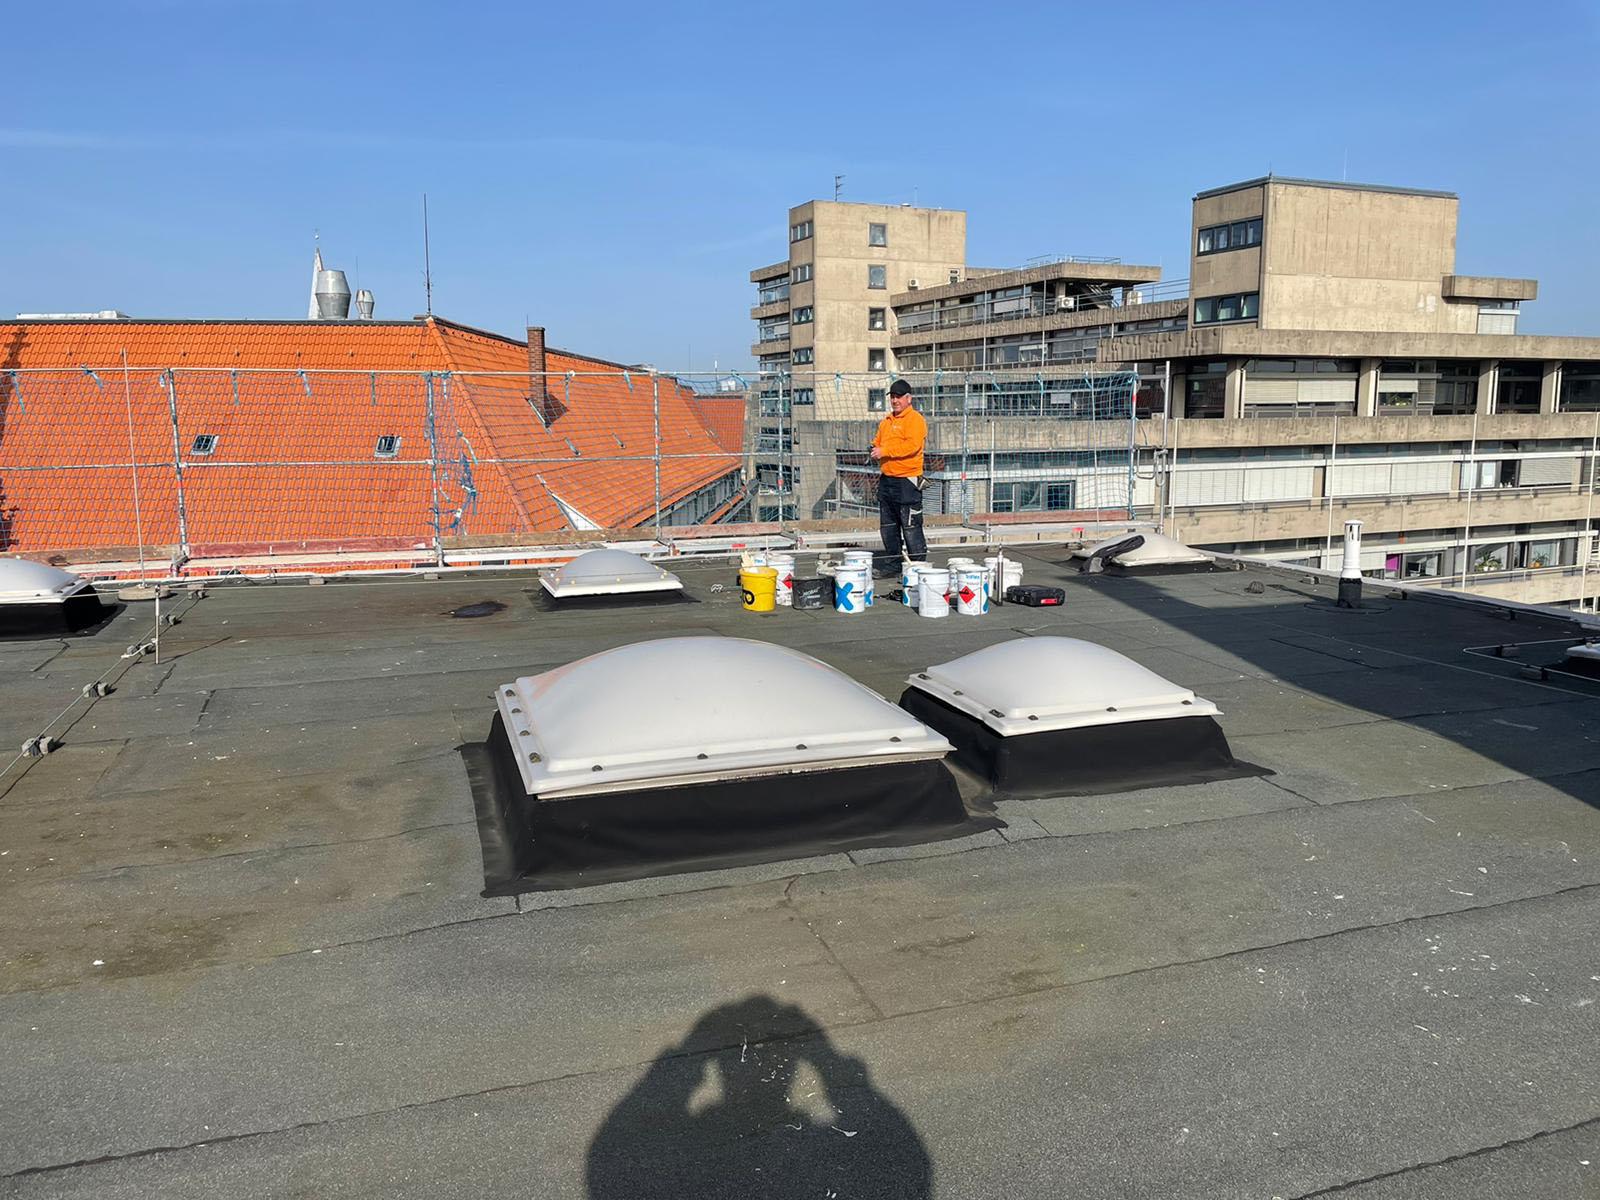 DachdeckereiMarske in Braunschweig